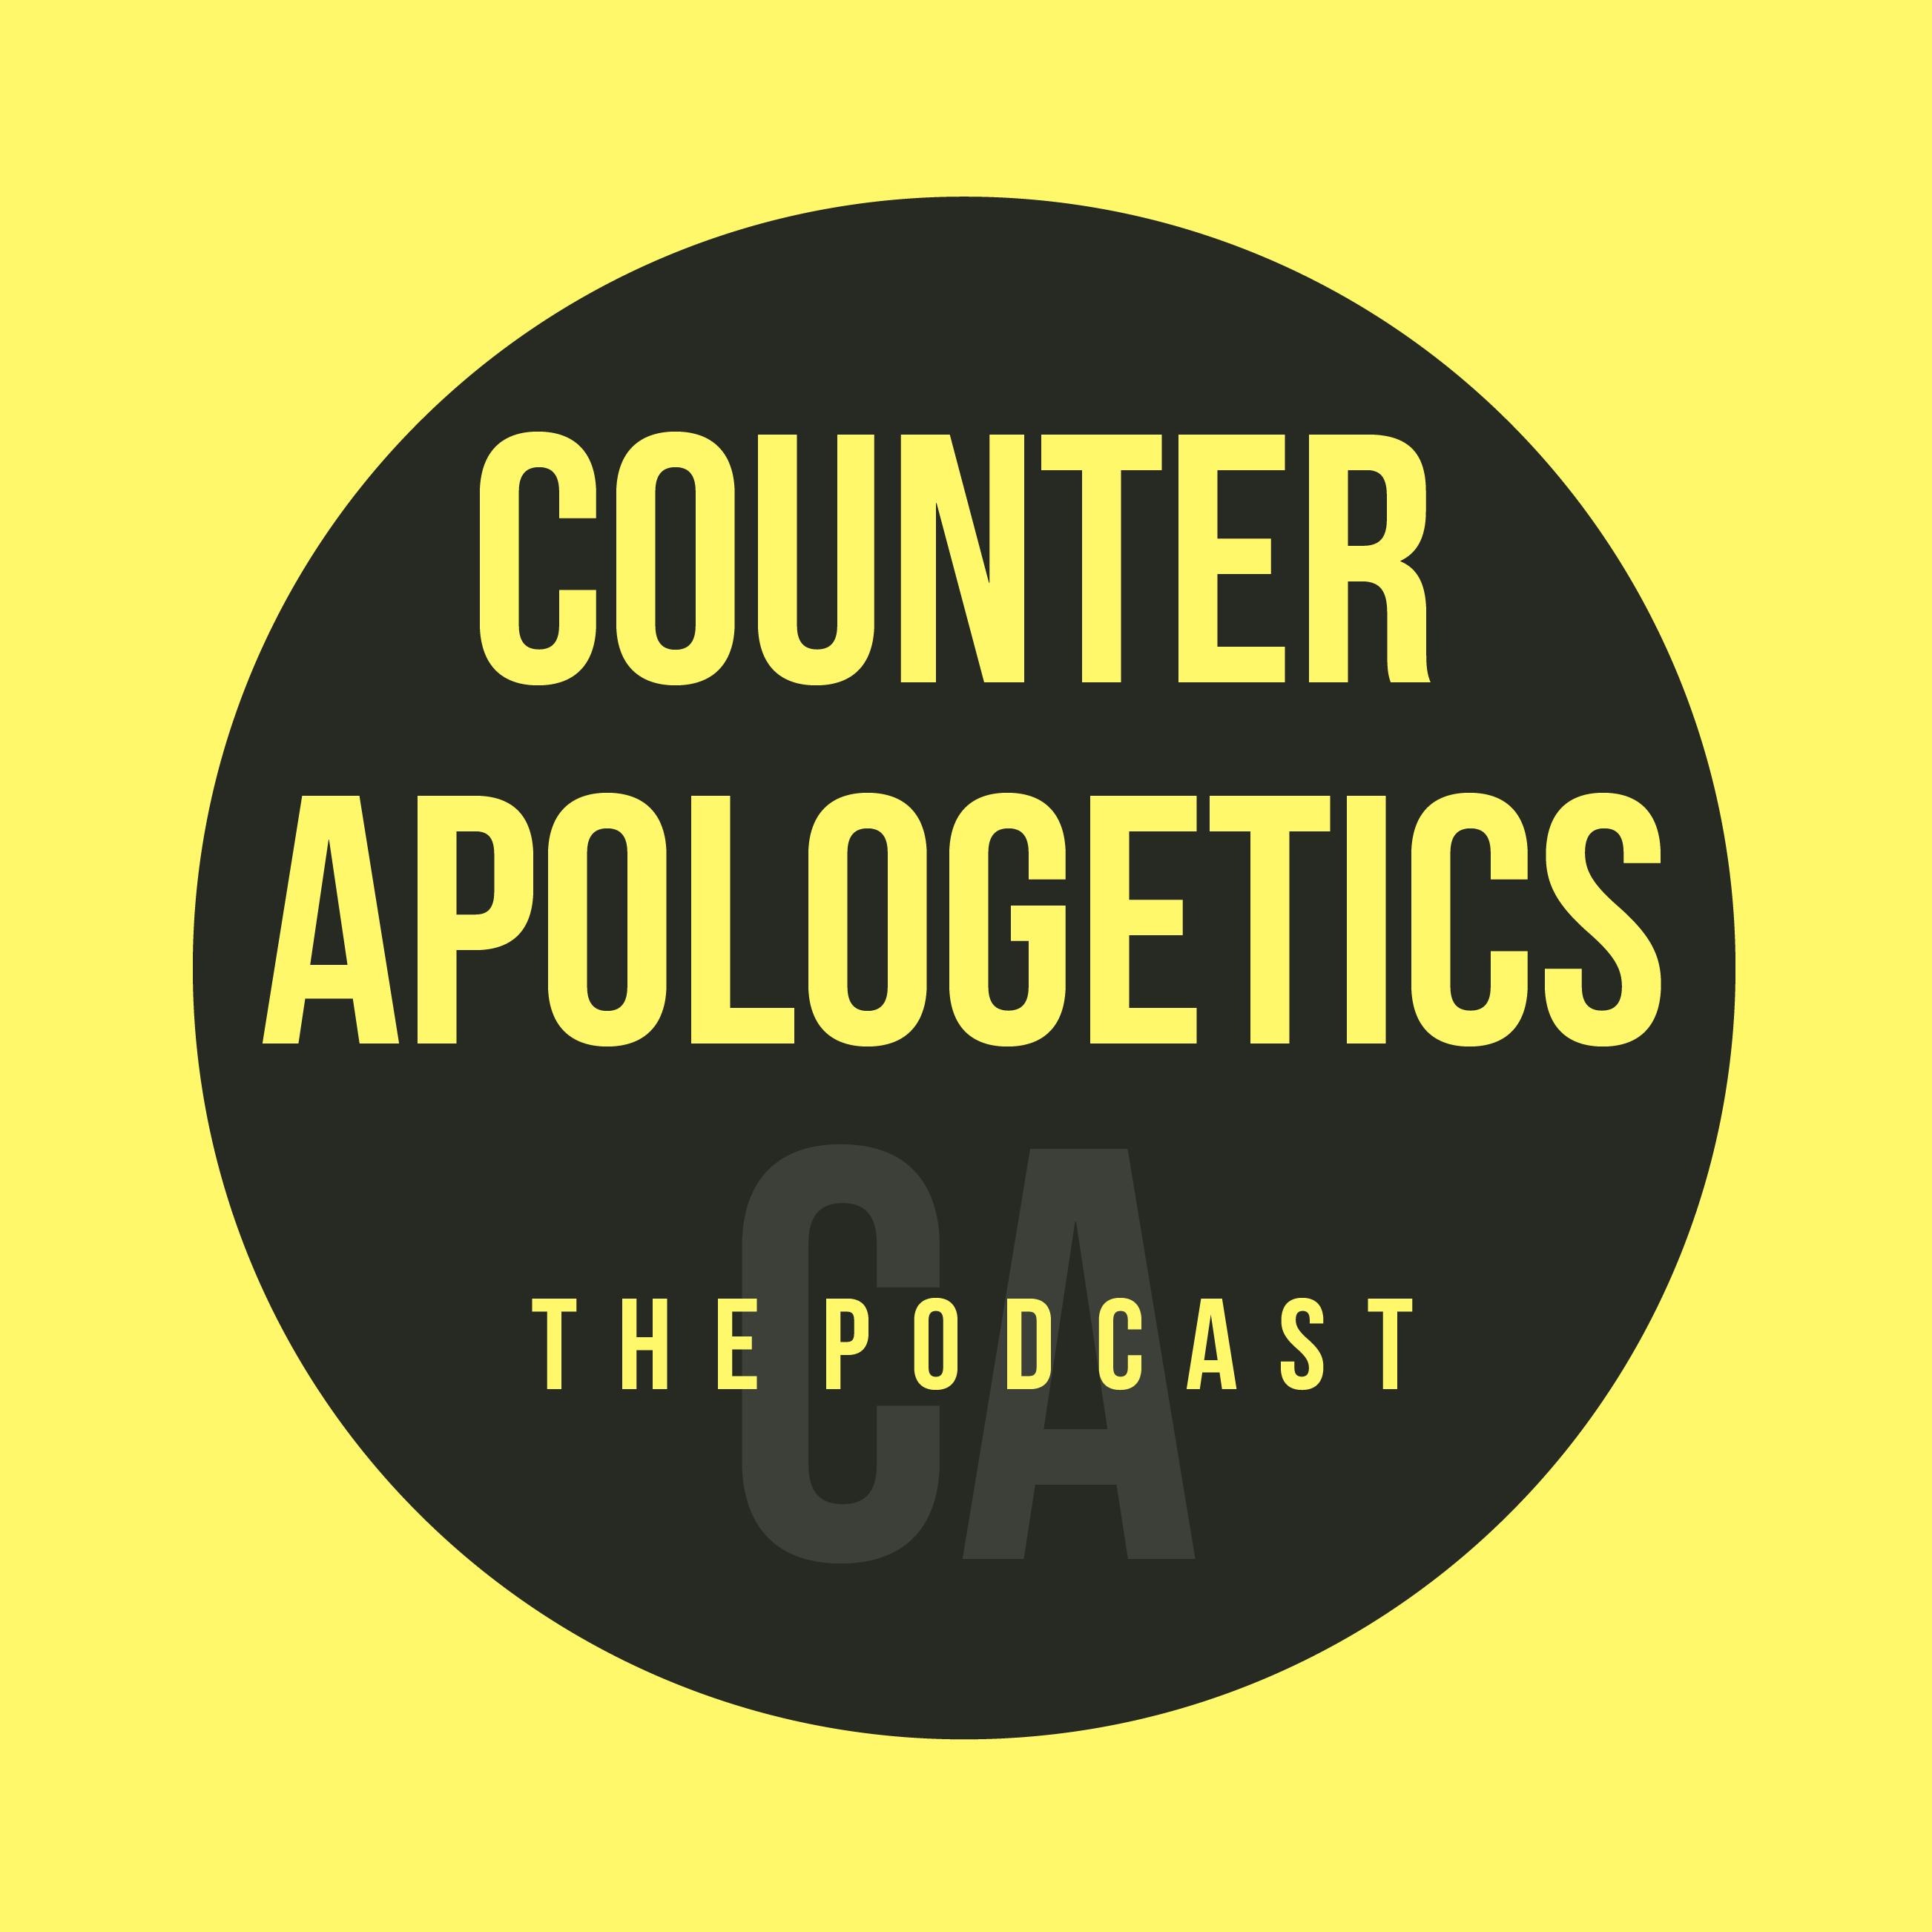 Counter Apologetics